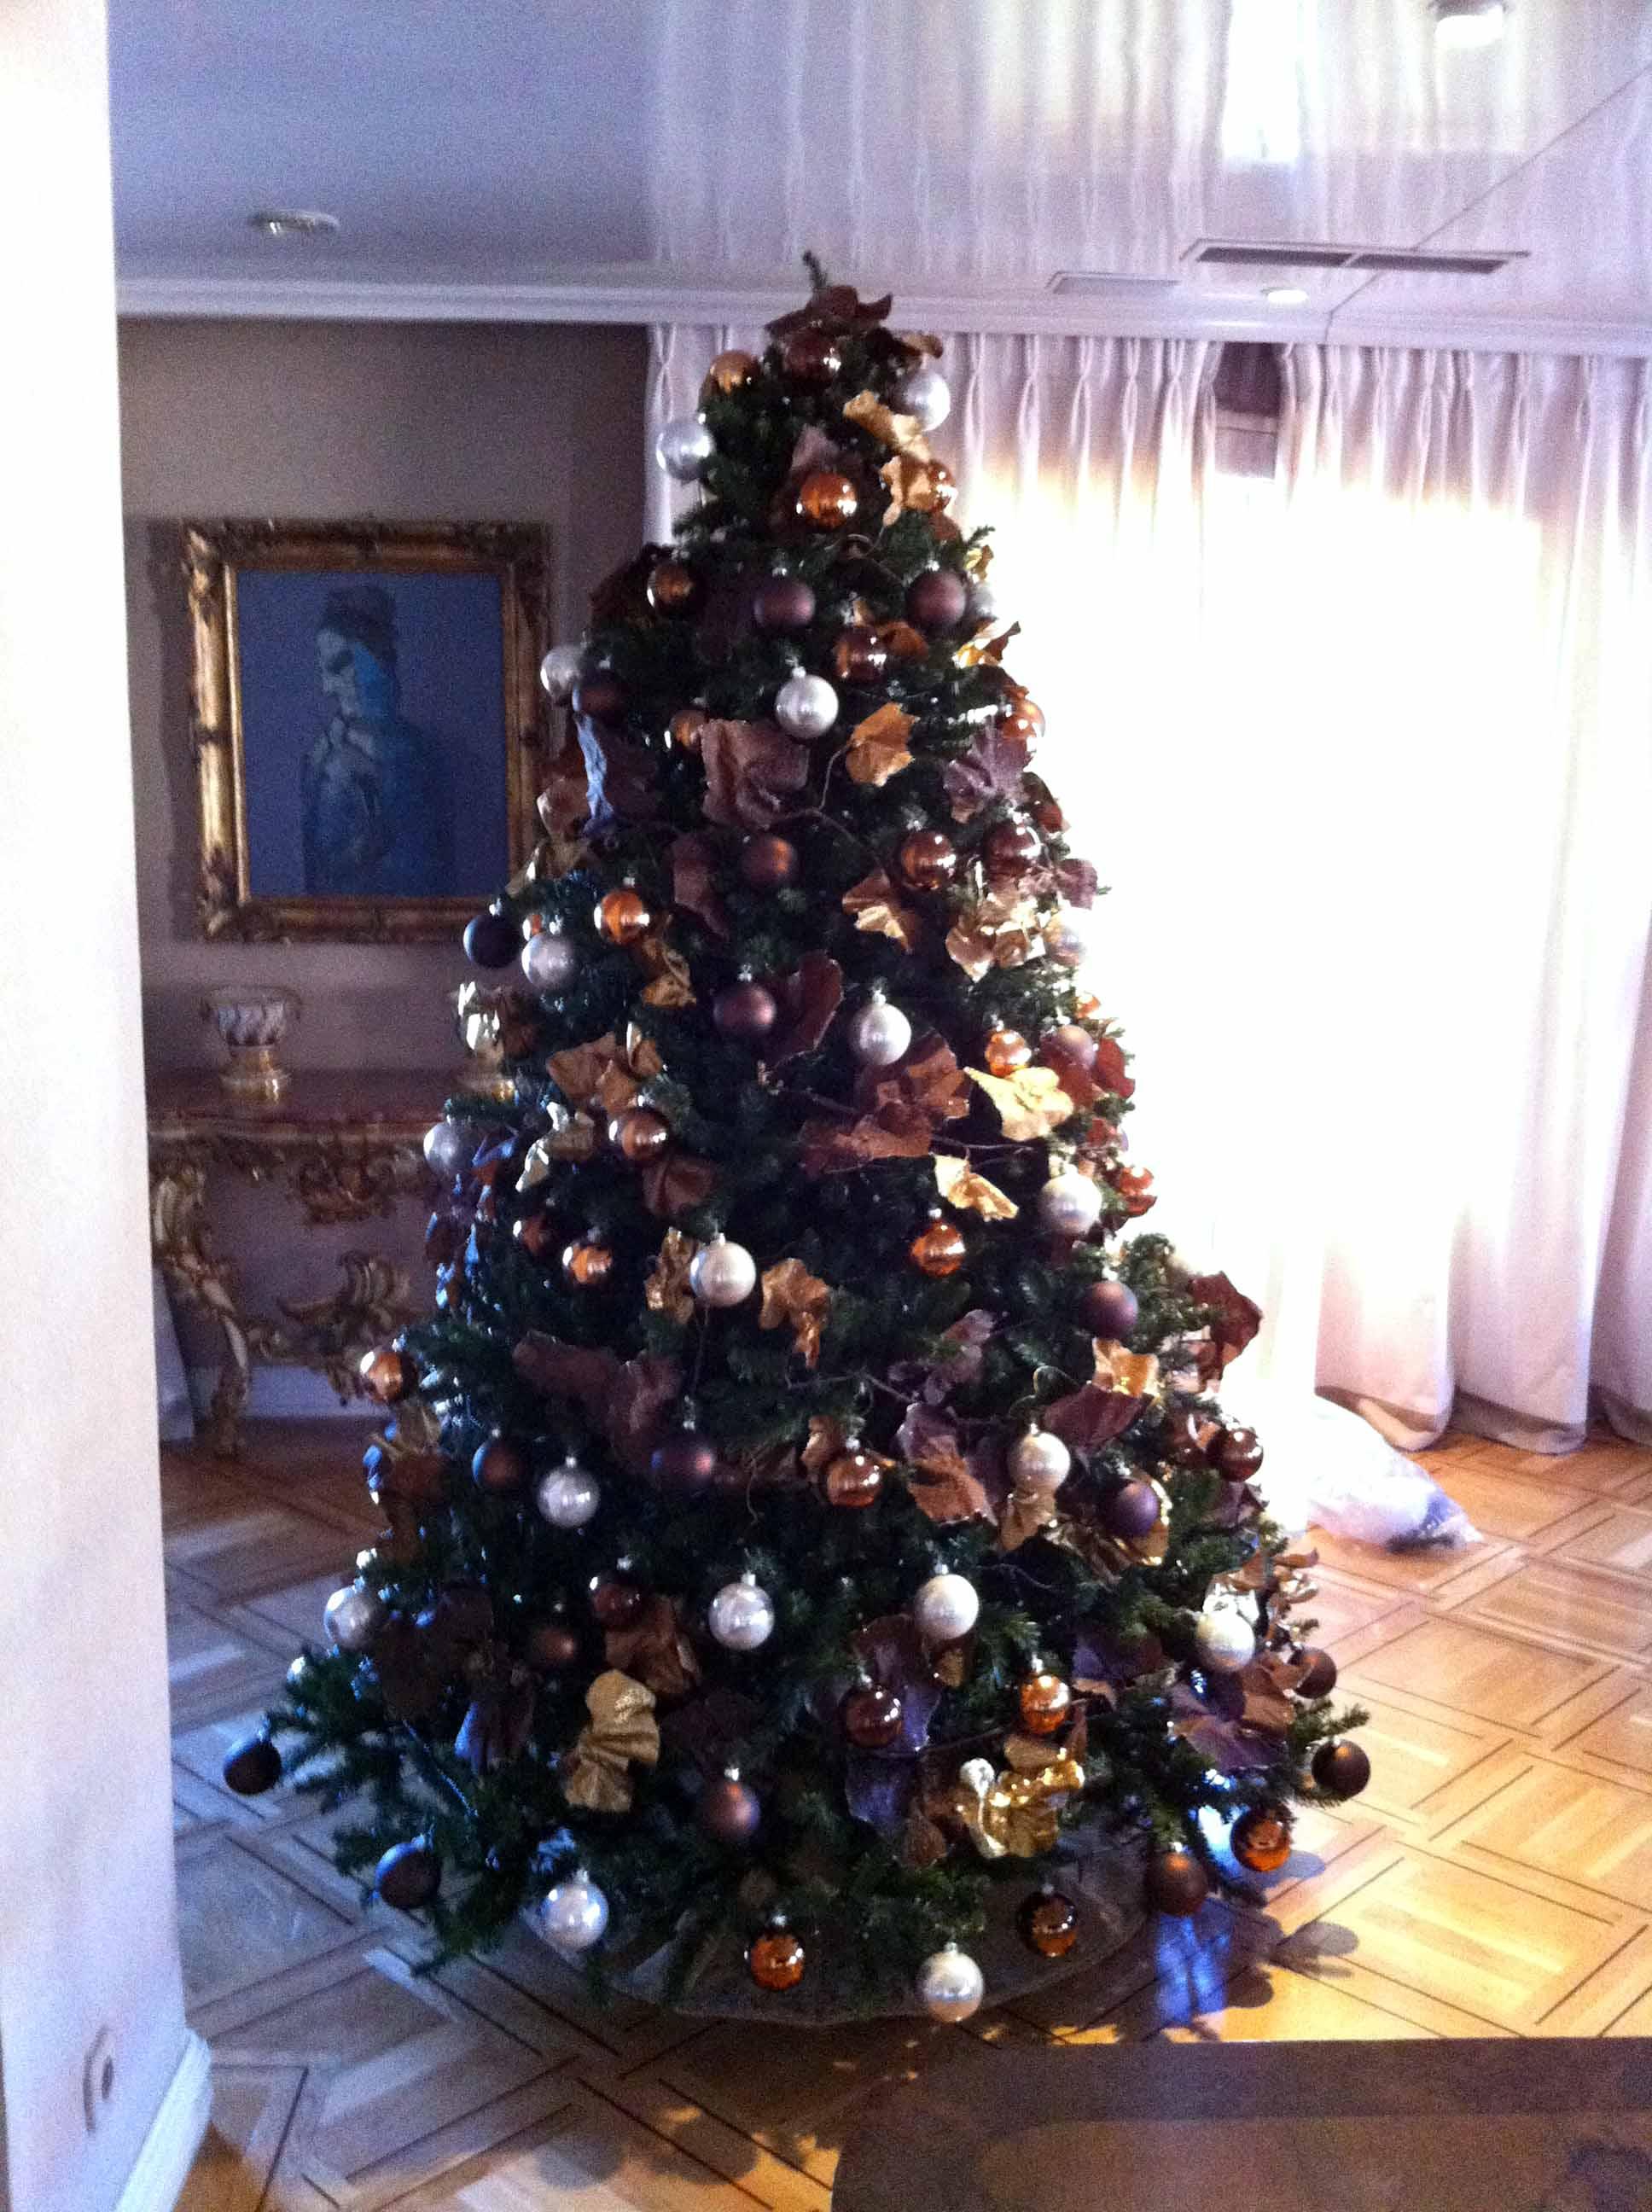 Rboles navidad color marr n b m rboles de navidad - Arbol de navidad adornado ...